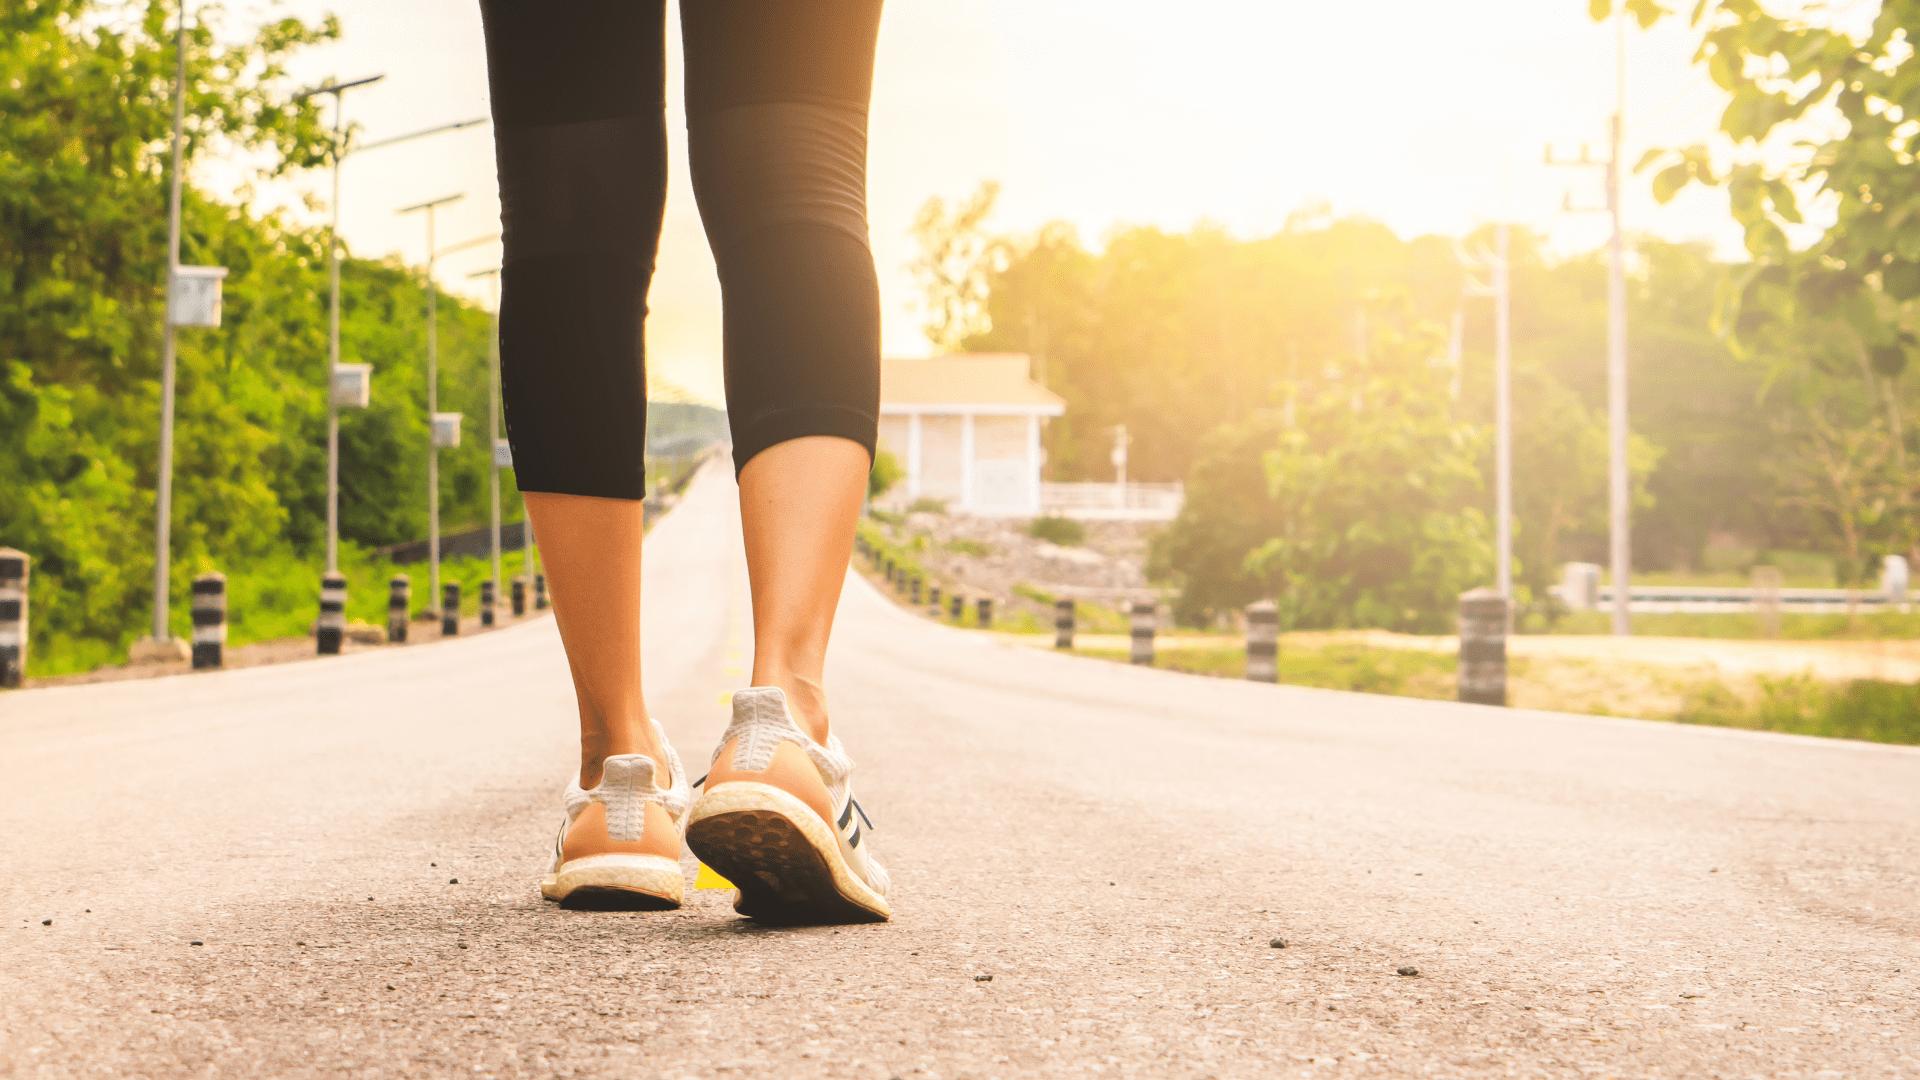 Para caminhar na rua, o aconselhado é considerar um bom sistema de amortecimento (Imagem: Reprodução/Shutterstock)